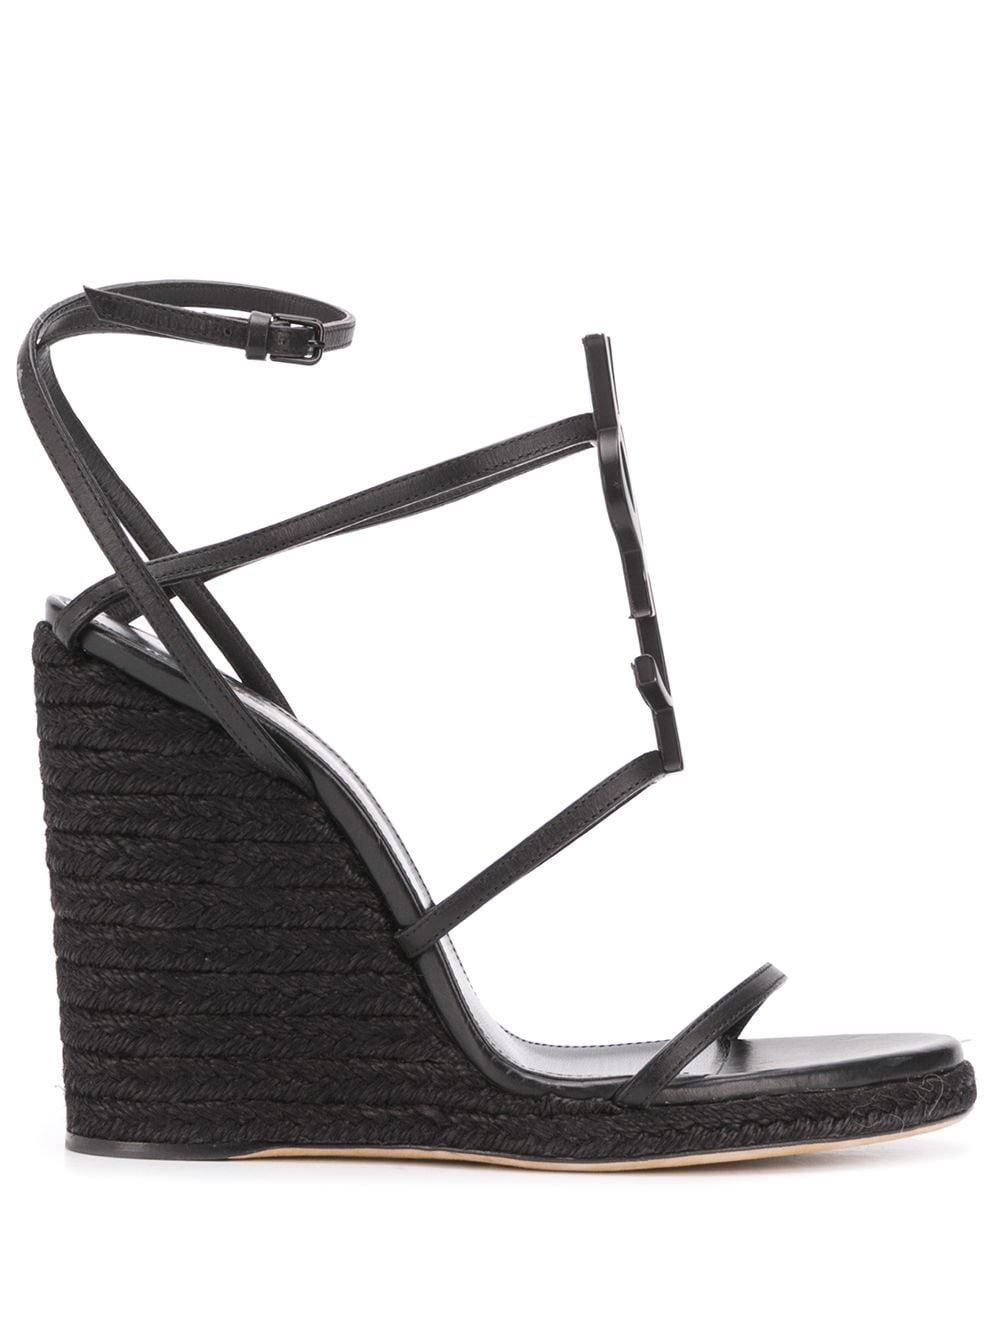 Picture of Saint Laurent | Cassandra 120Mm Sandals